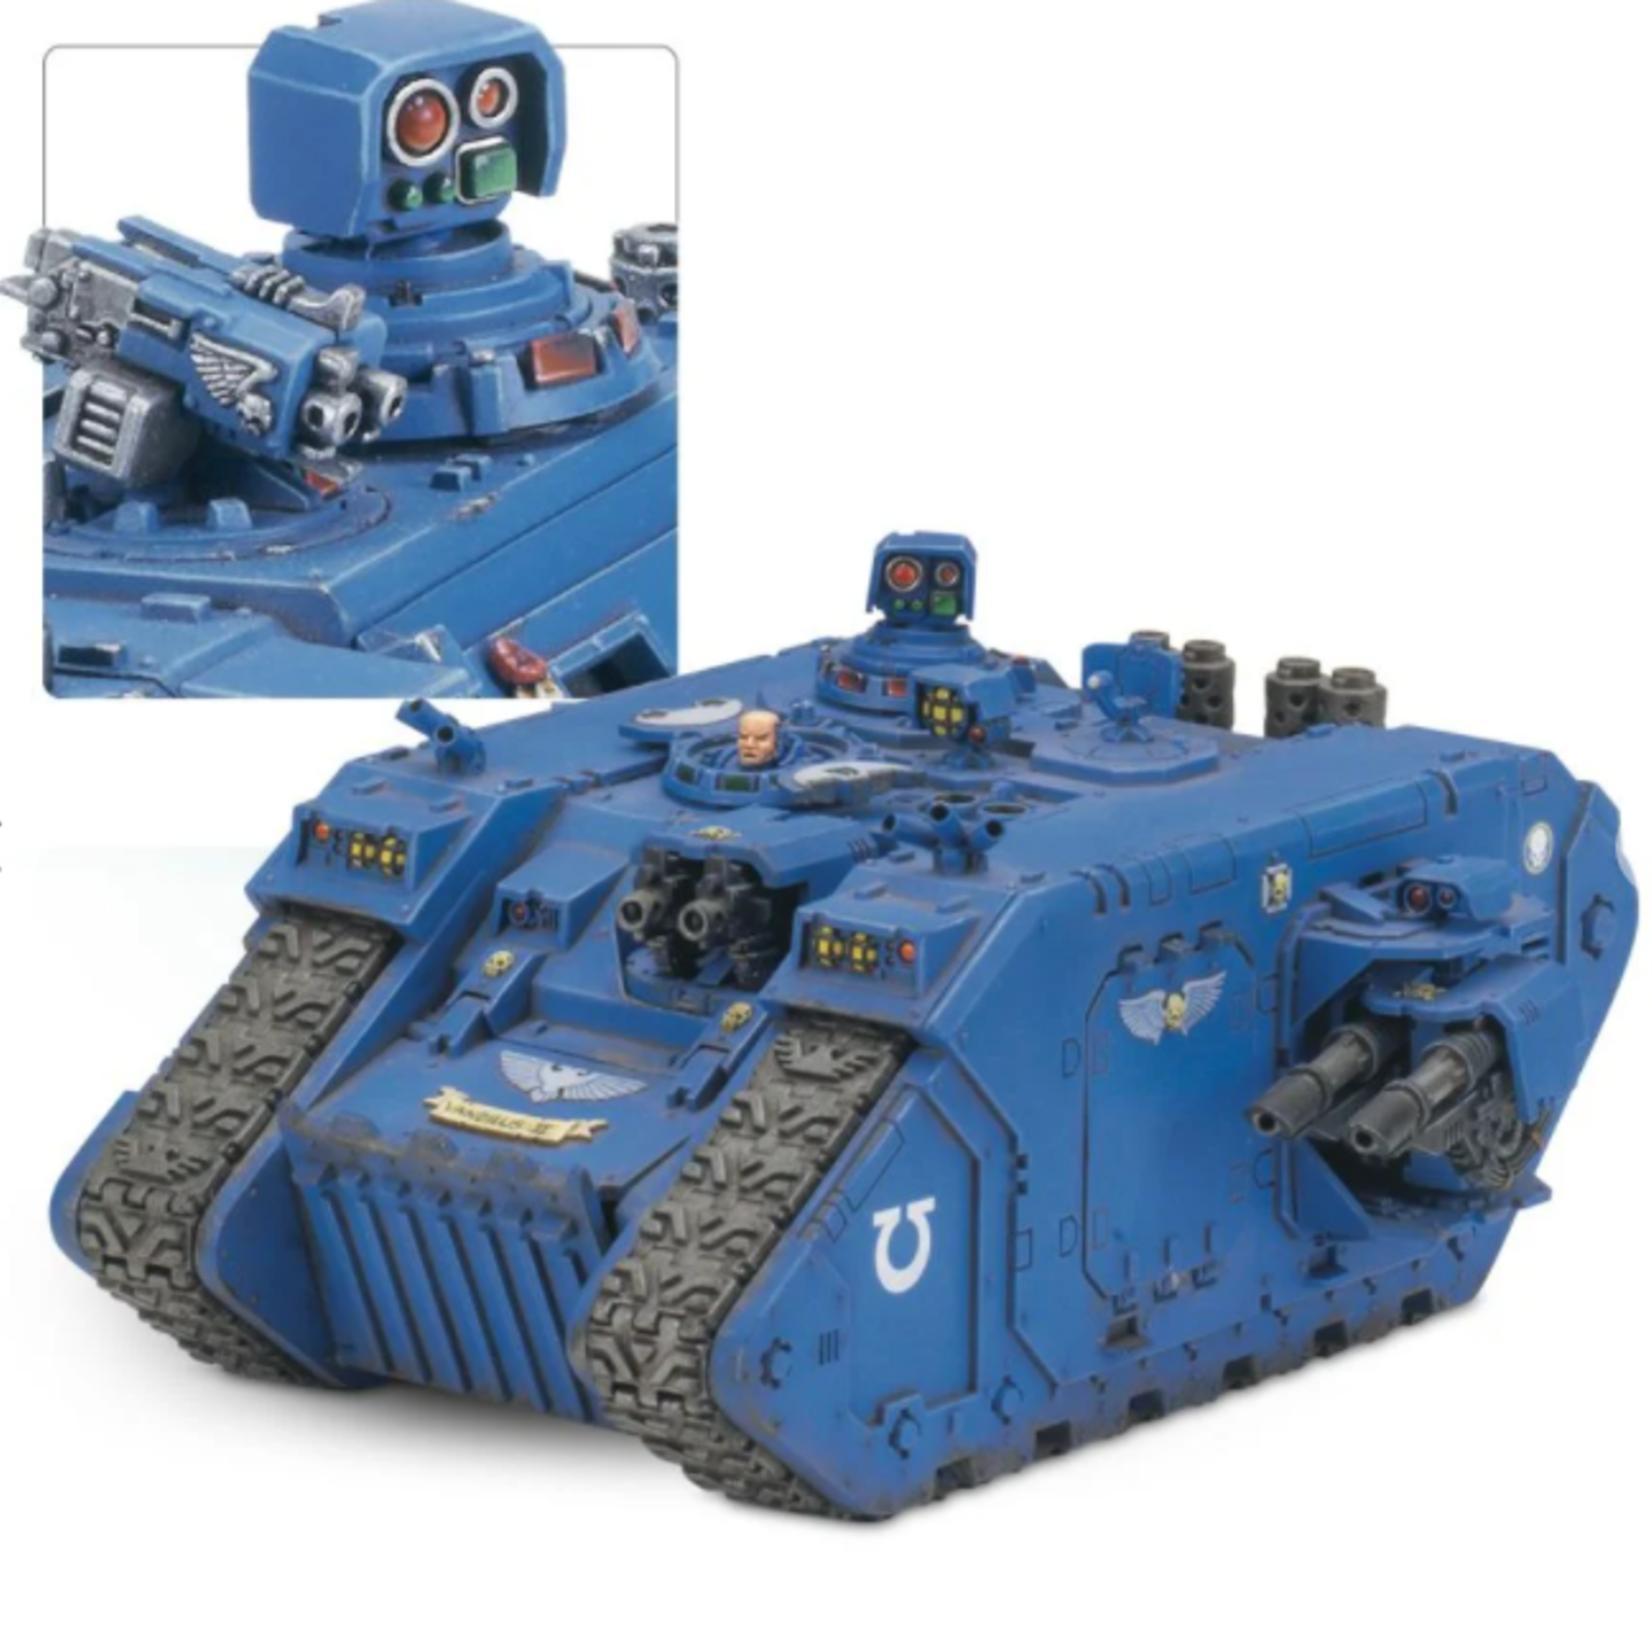 Games Workshop Vehicle Upgrade Kit